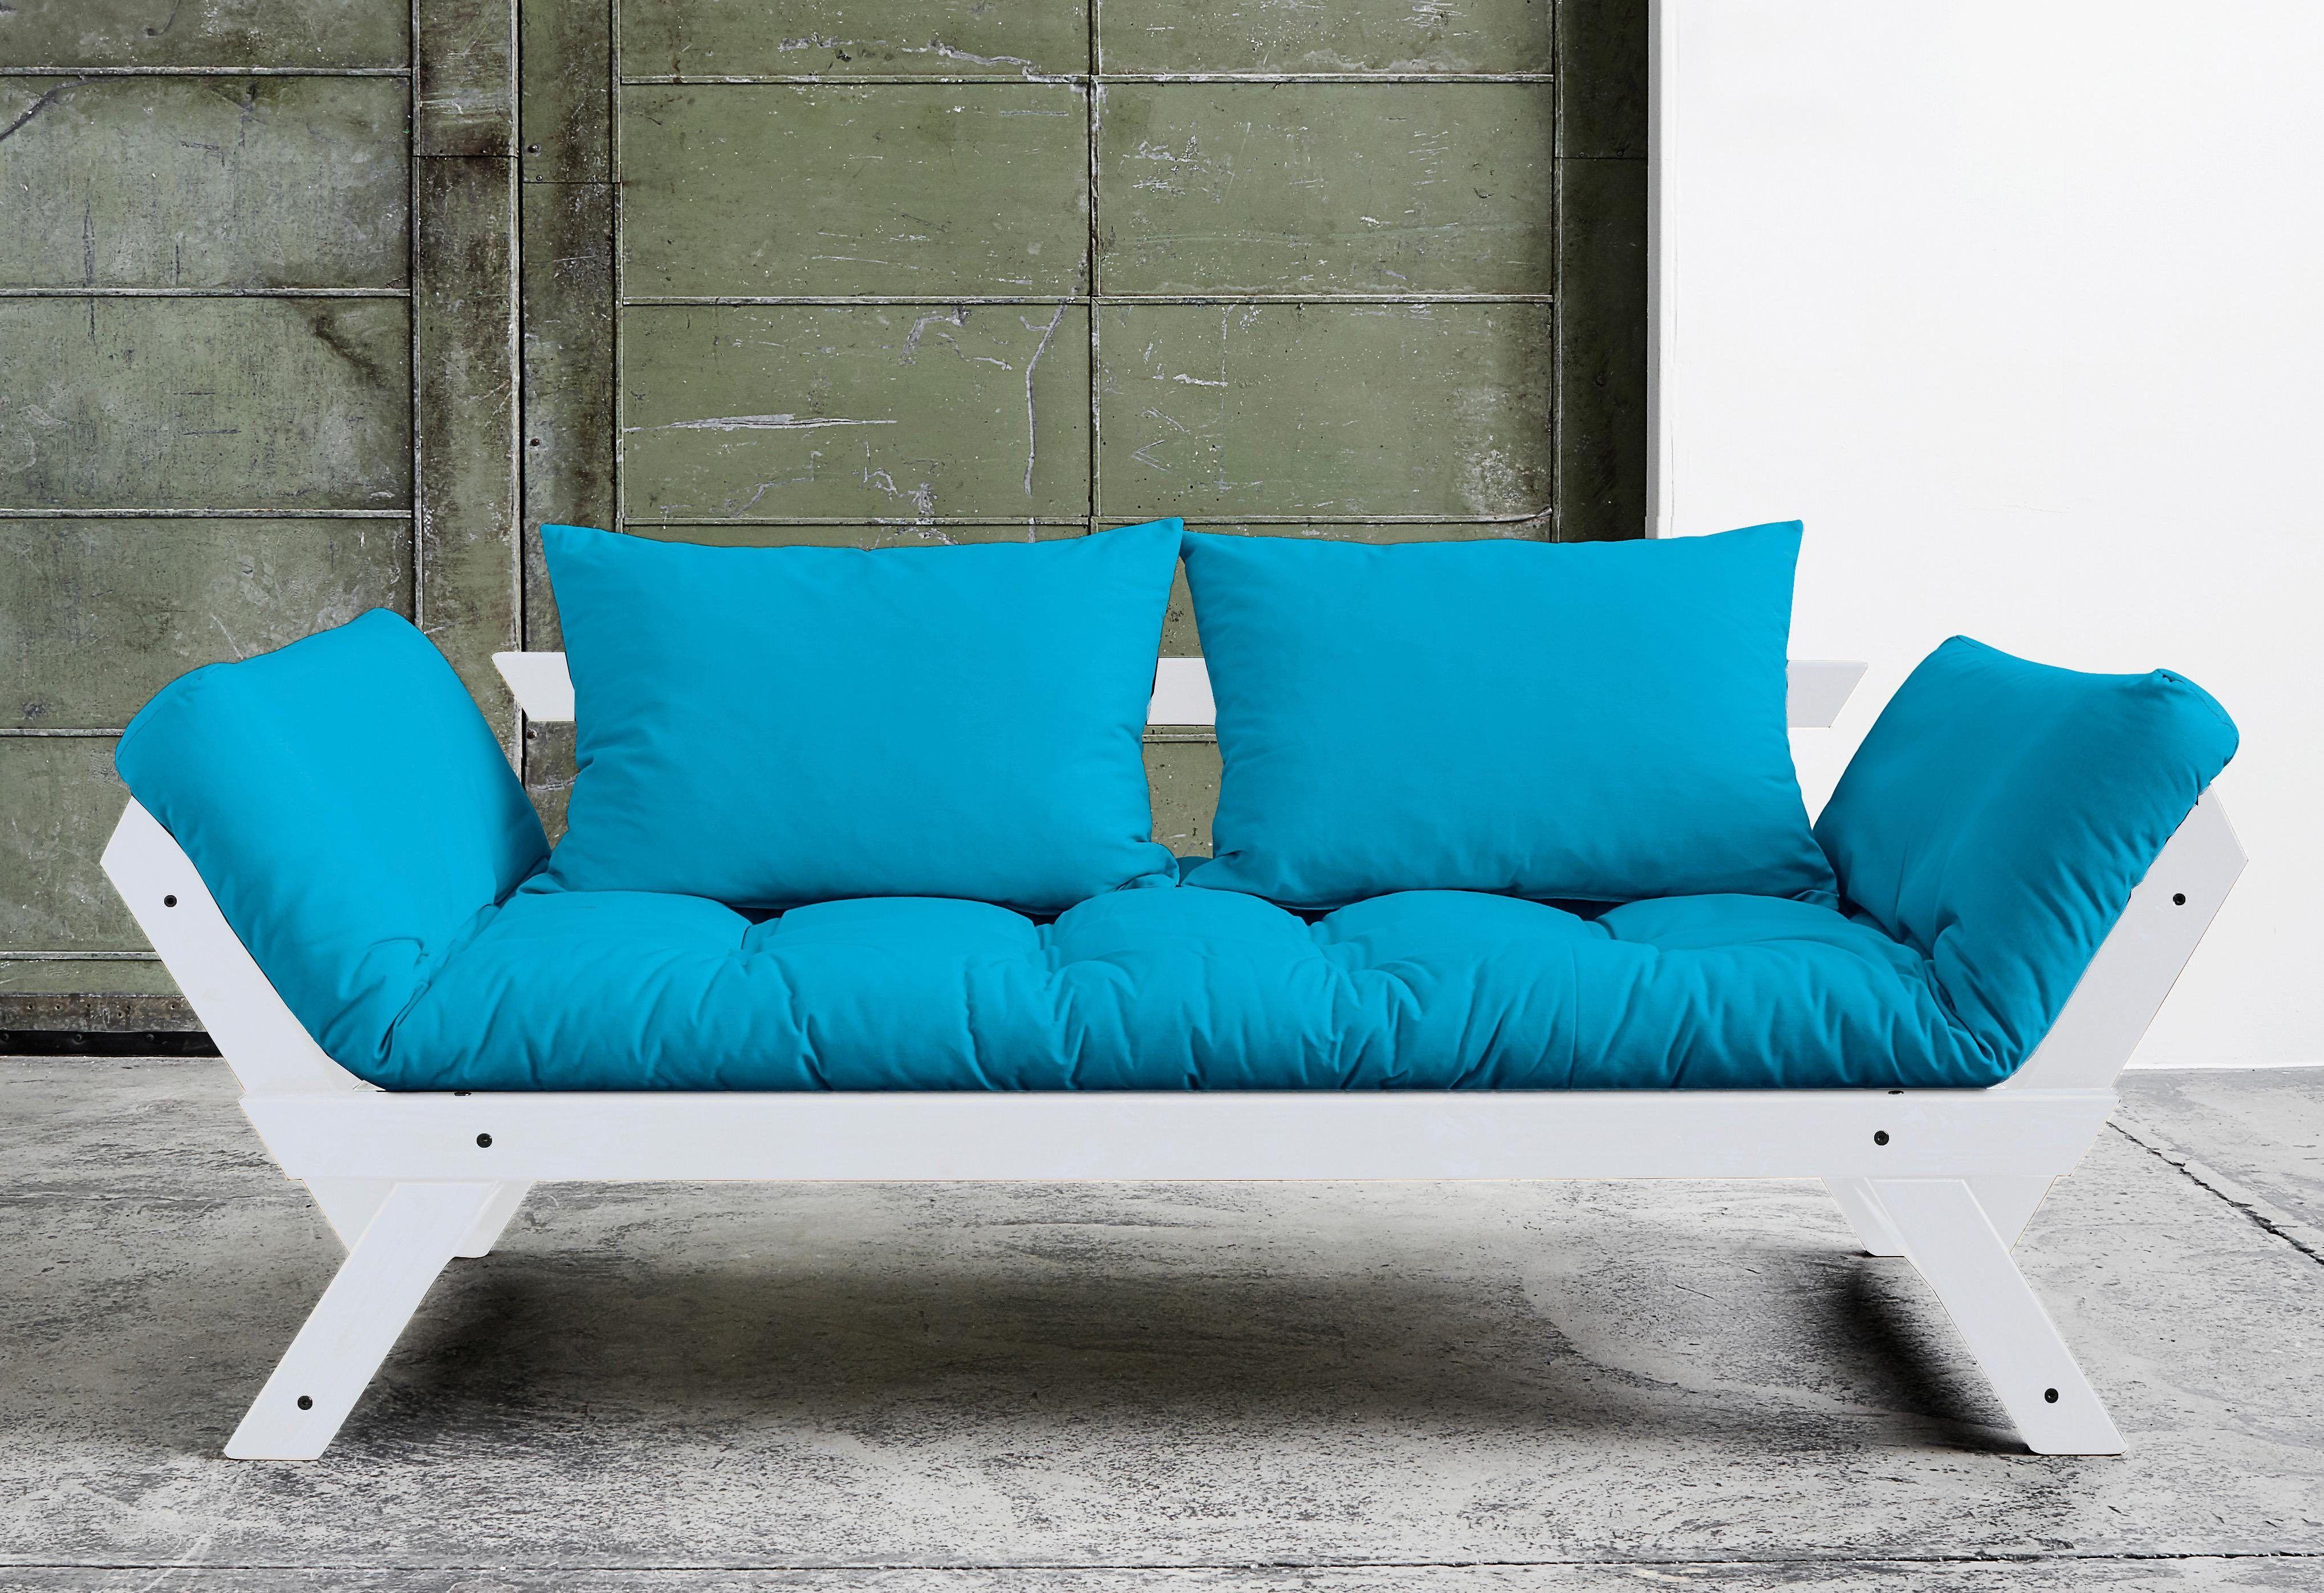 Wohnzimmer sofas schlafsofa blau betten diapers